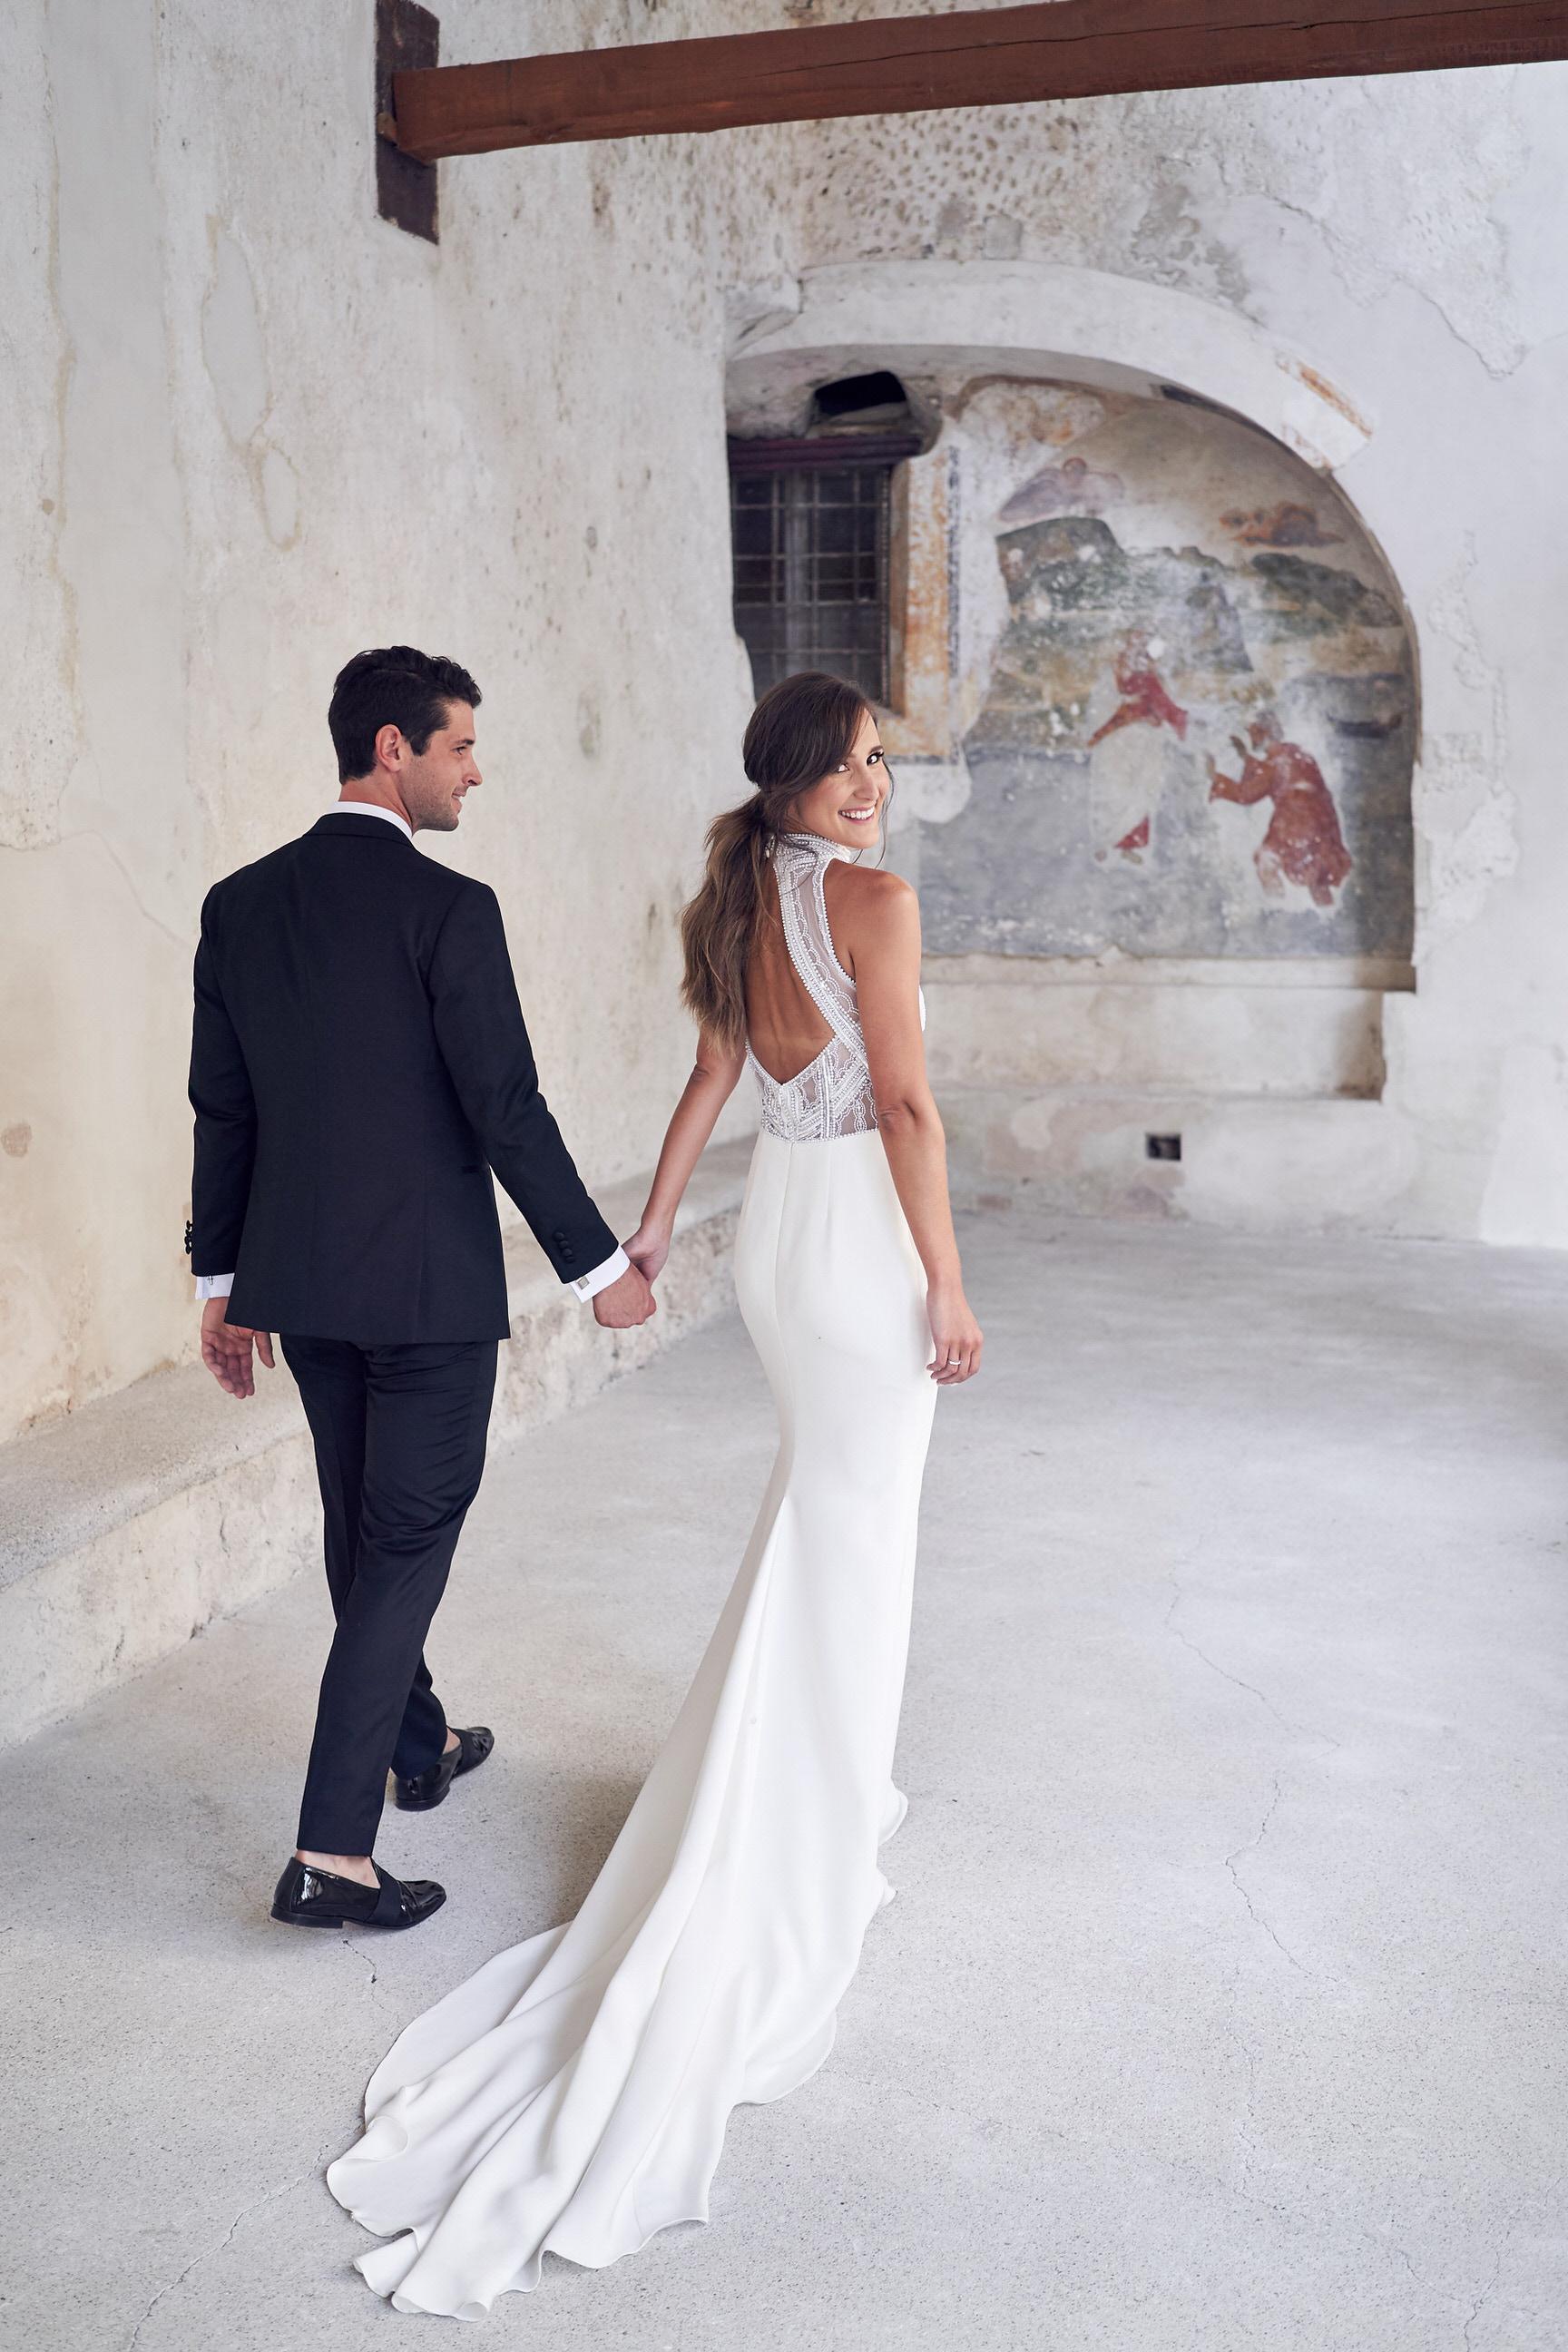 Luxury italy wedding planner Amalfi Convento wedding couple